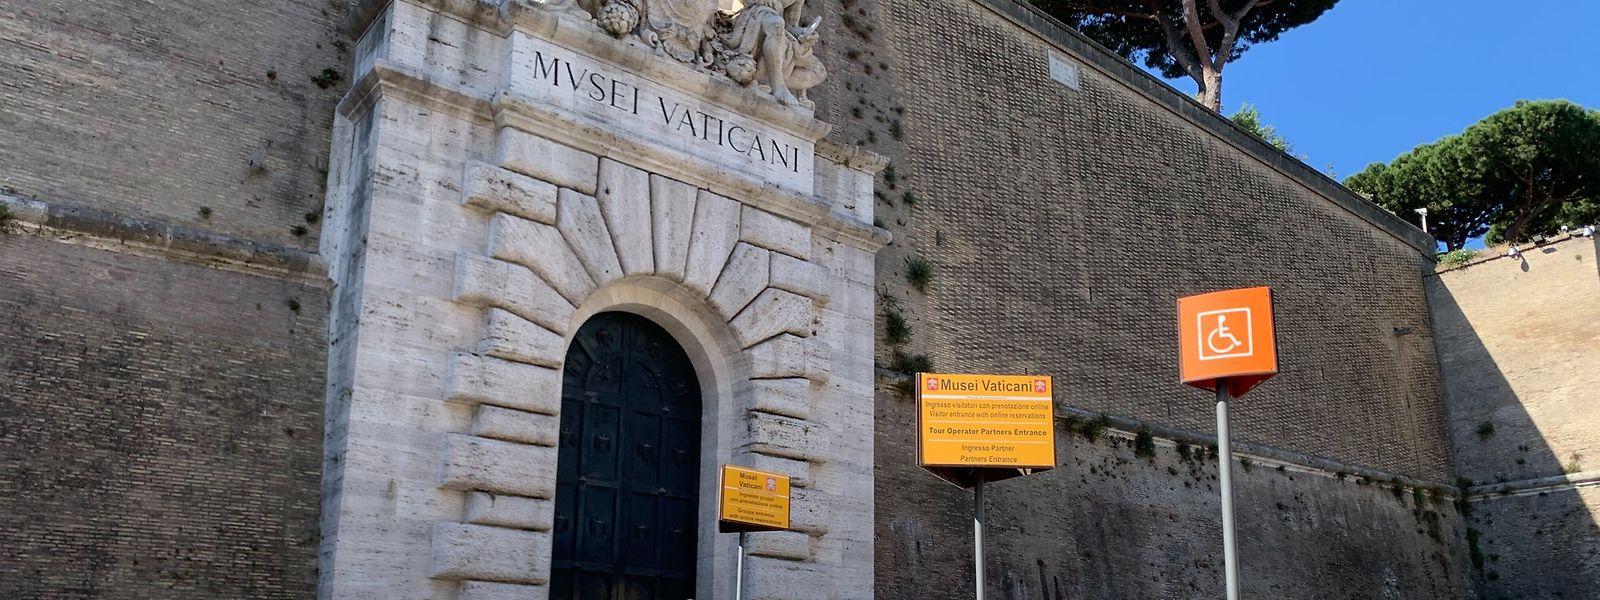 Blick auf den Eingang der vatikanischen Museen: Wo sonst Menschenmassen anstehen, war es in Corona-Zeiten ruhig wie nie.